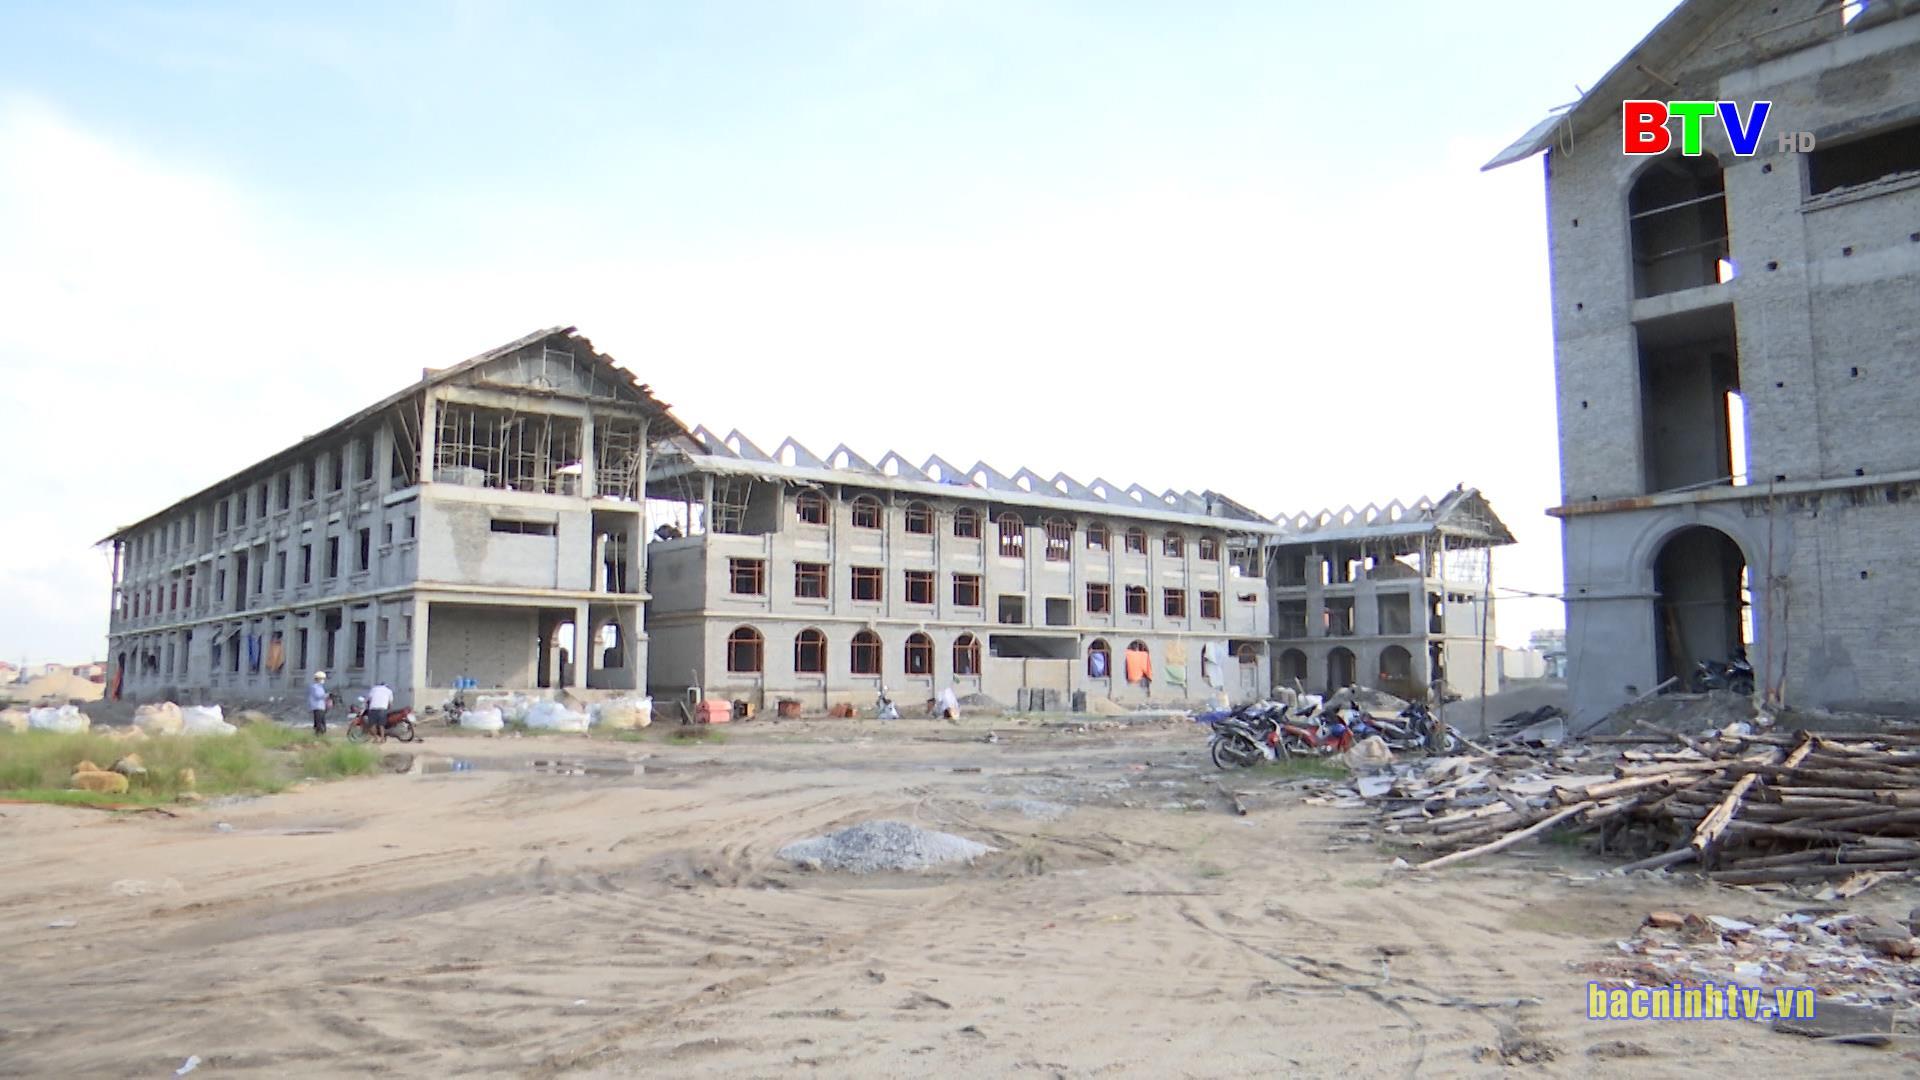 Bắc Ninh quyết liệt thực hiện giải ngân vốn đầu tư công